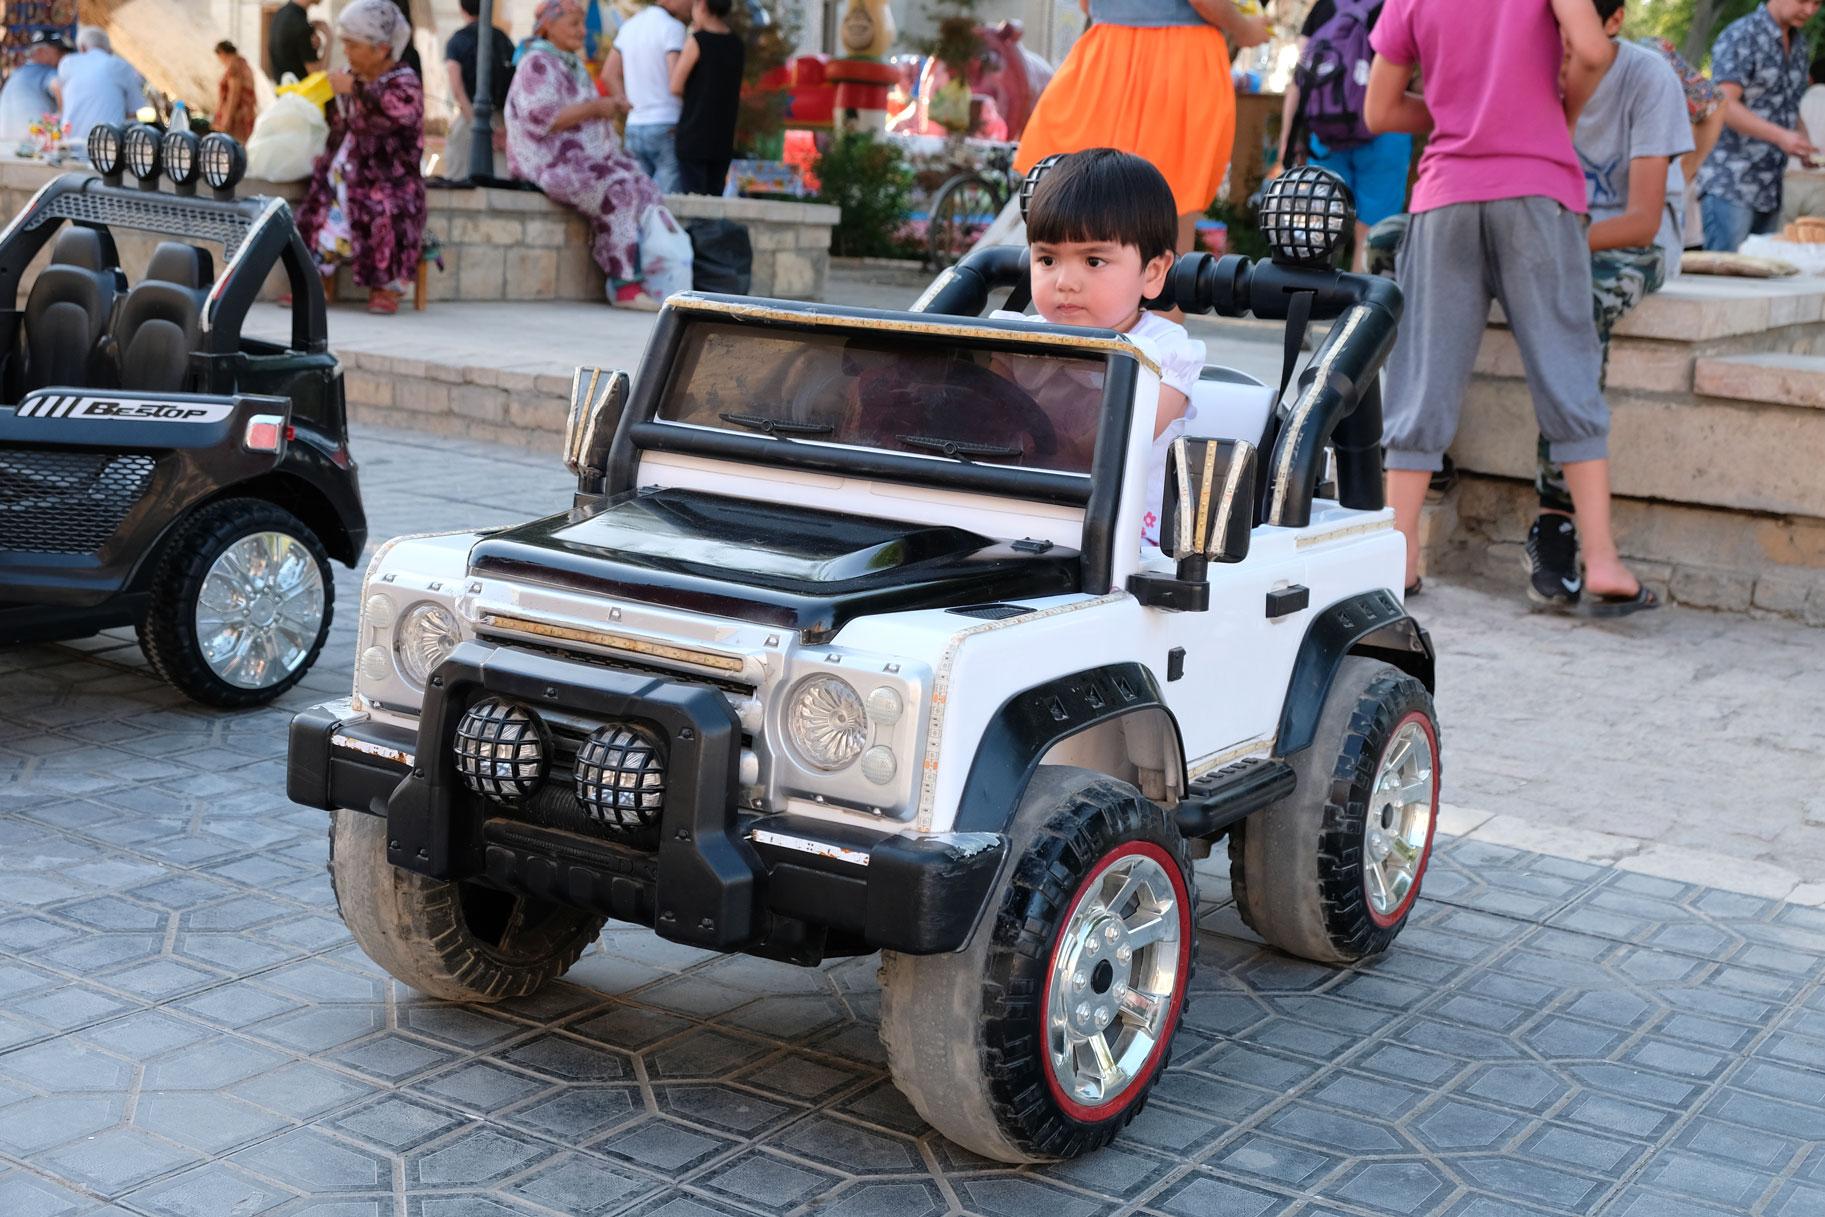 Ein Kleinkind in einem ferngesteuerten Miniaturauto